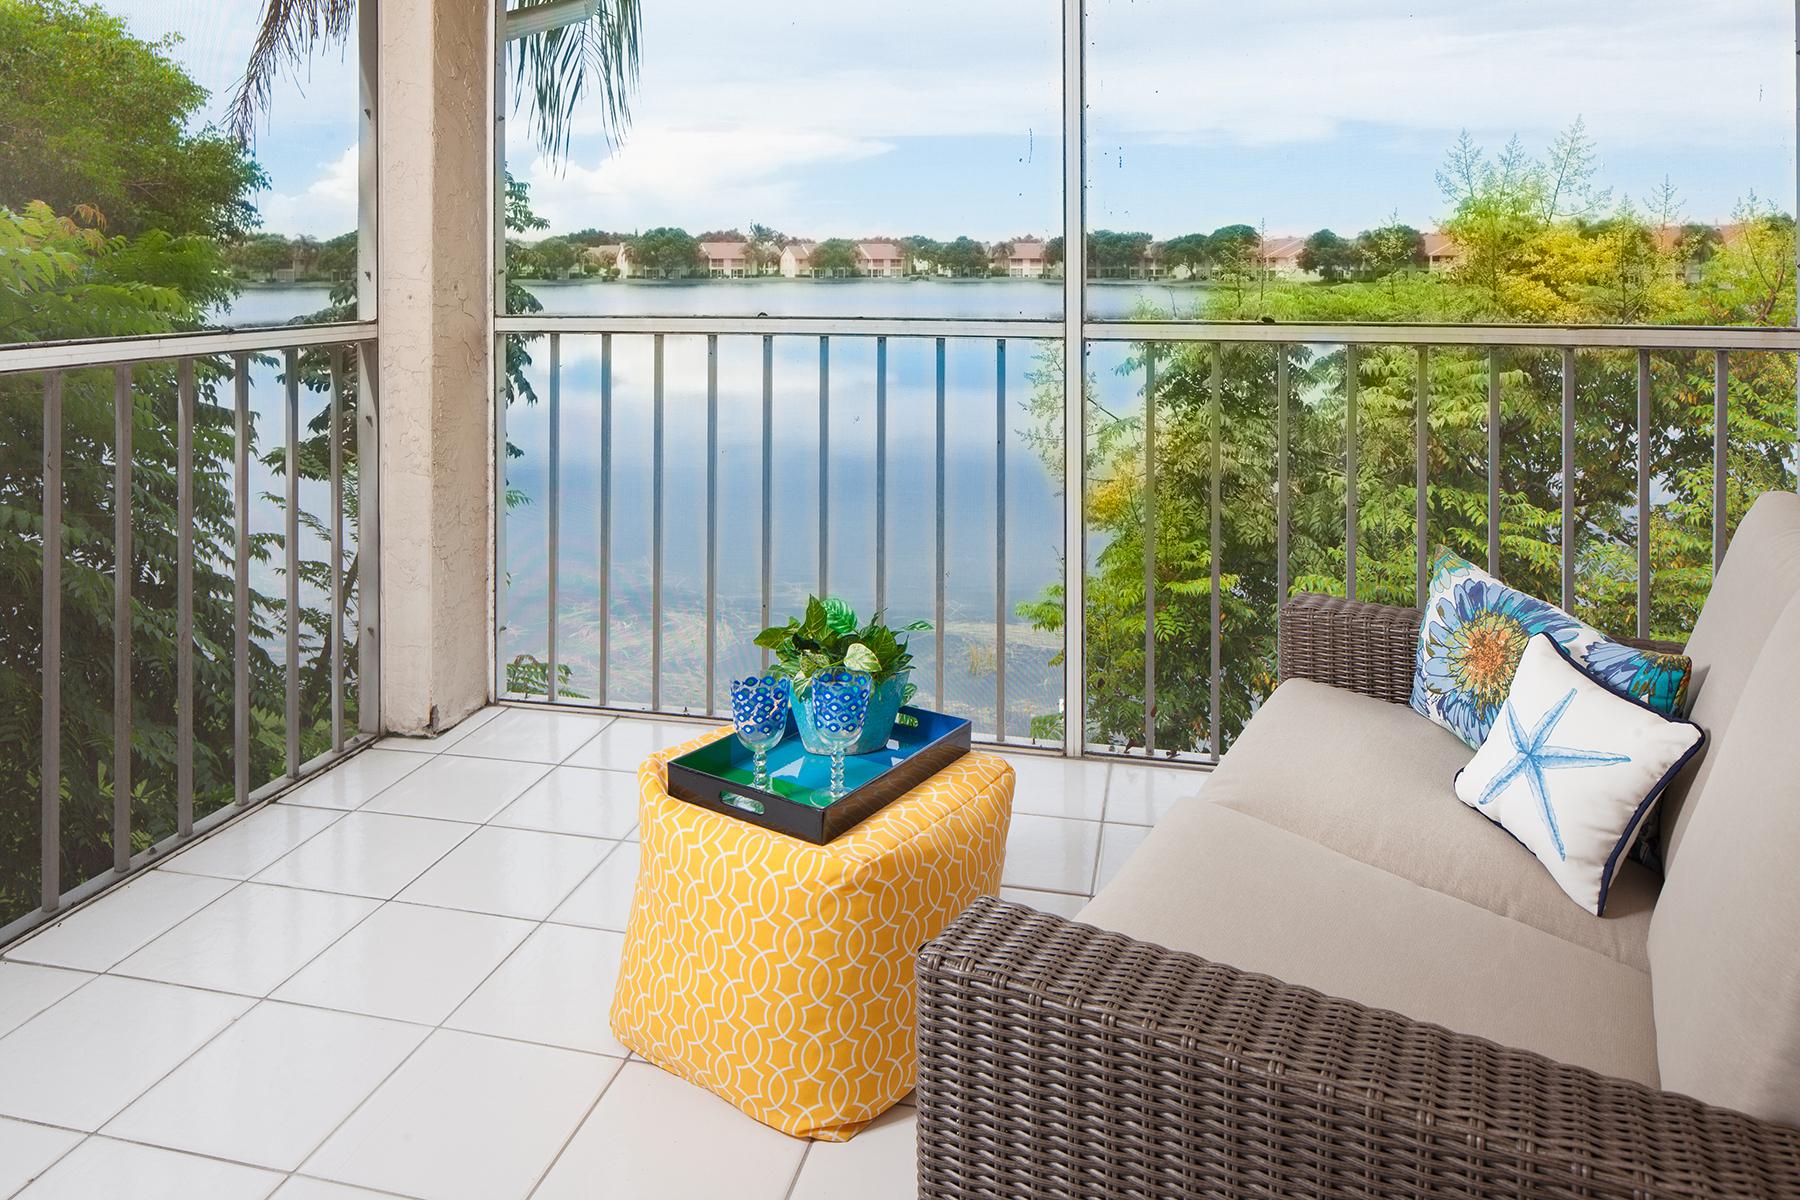 Condomínio para Venda às EMERALD LAKES 7806 Emerald Cir 203 Naples, Florida 34109 Estados Unidos